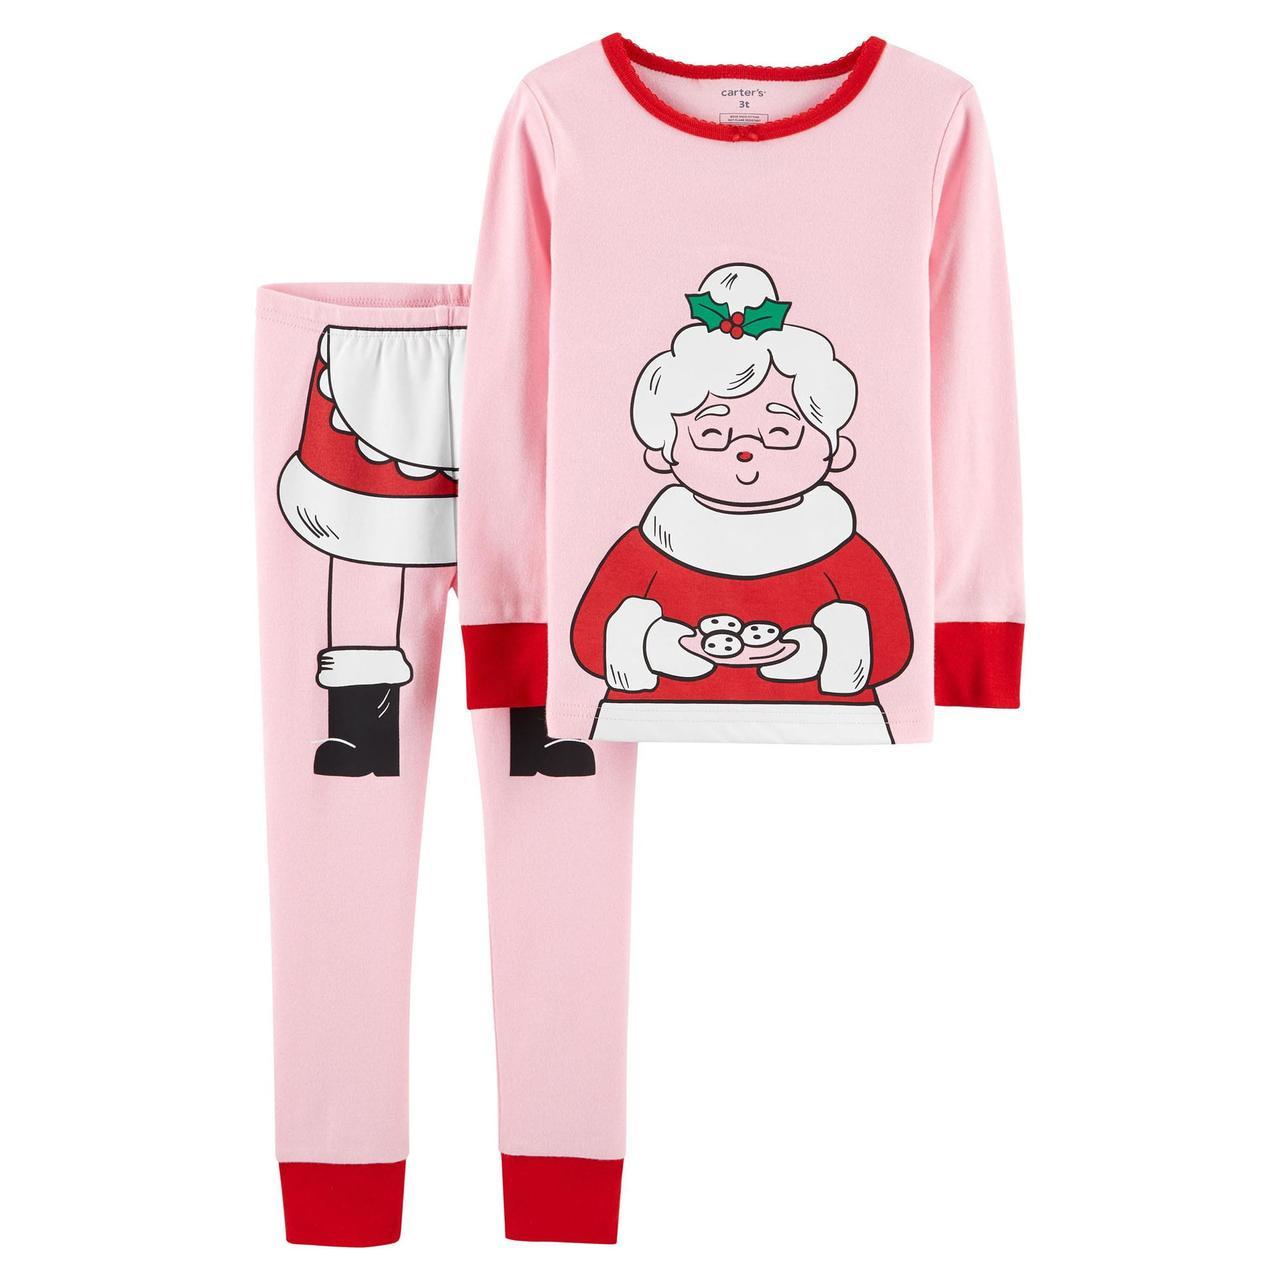 d4fa5c2f4591b Новогодняя пижама Carter's для девочек (CША), цена 235 грн., купить в Киеве  — Prom.ua (ID#631712224)